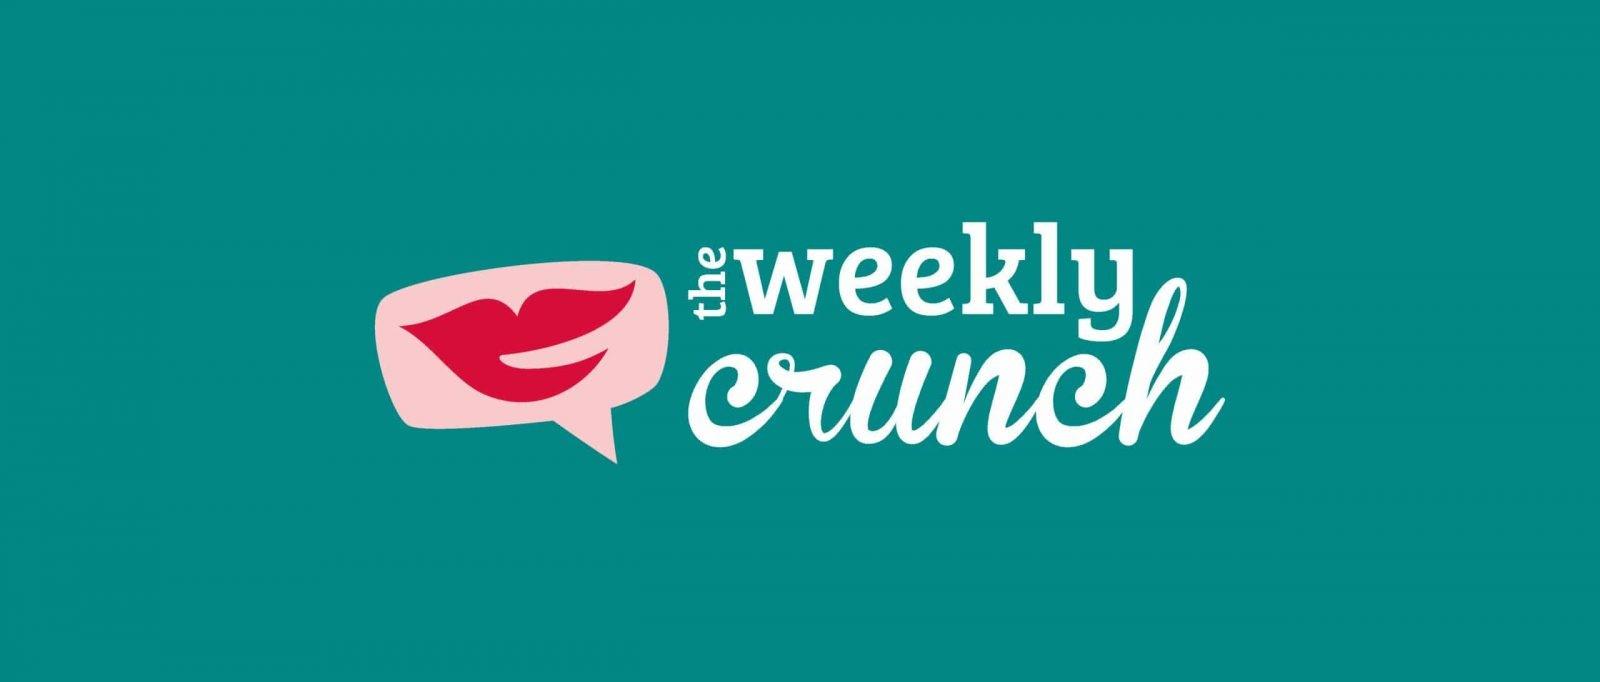 weekly crunch_crunchy_tales